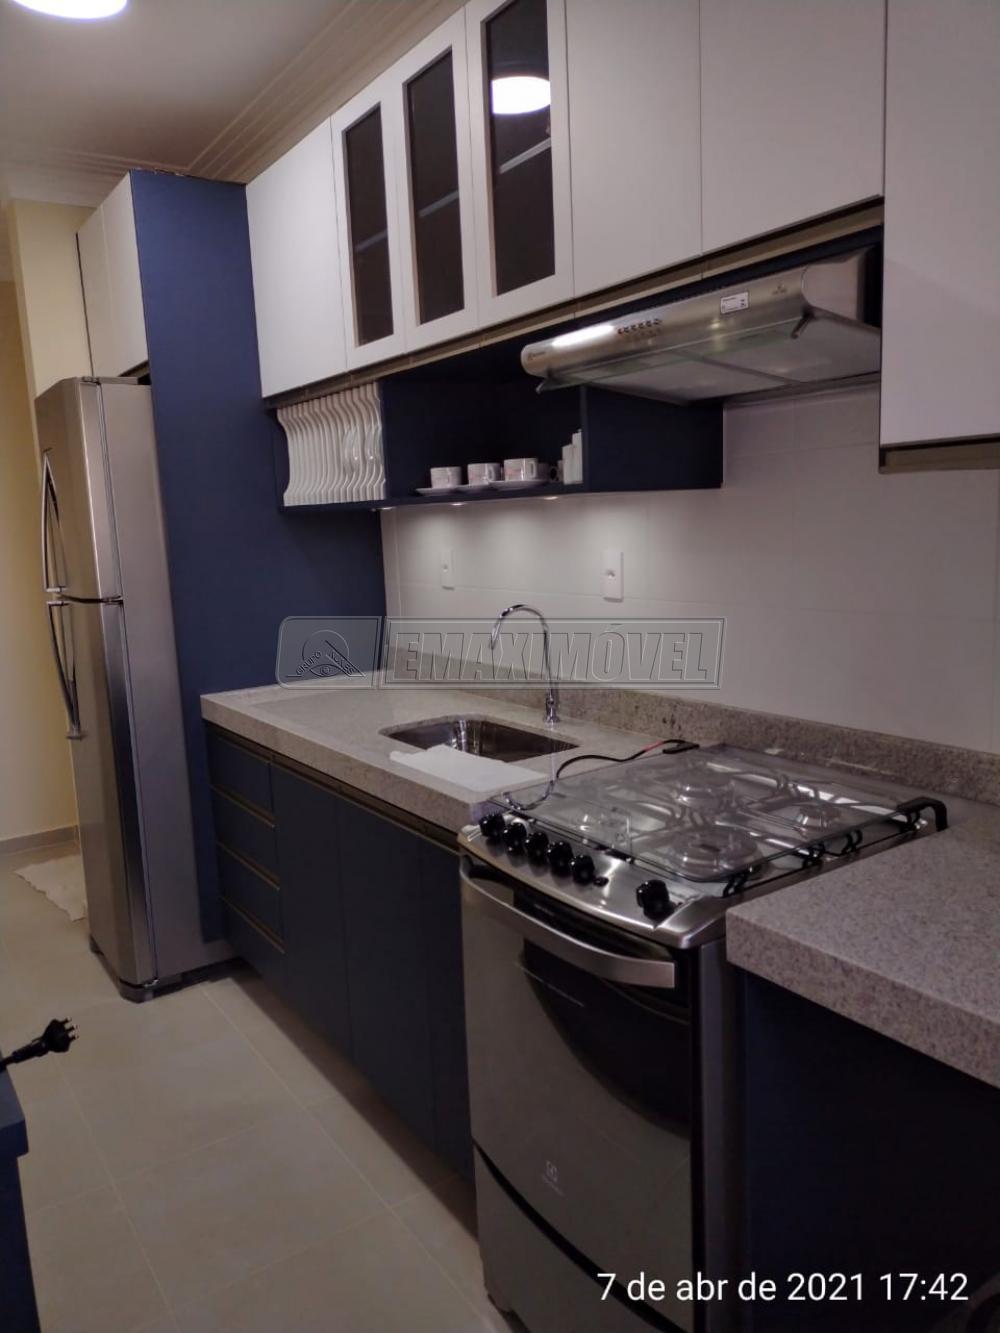 Comprar Apartamentos / Apto Padrão em Sorocaba R$ 280.000,00 - Foto 30